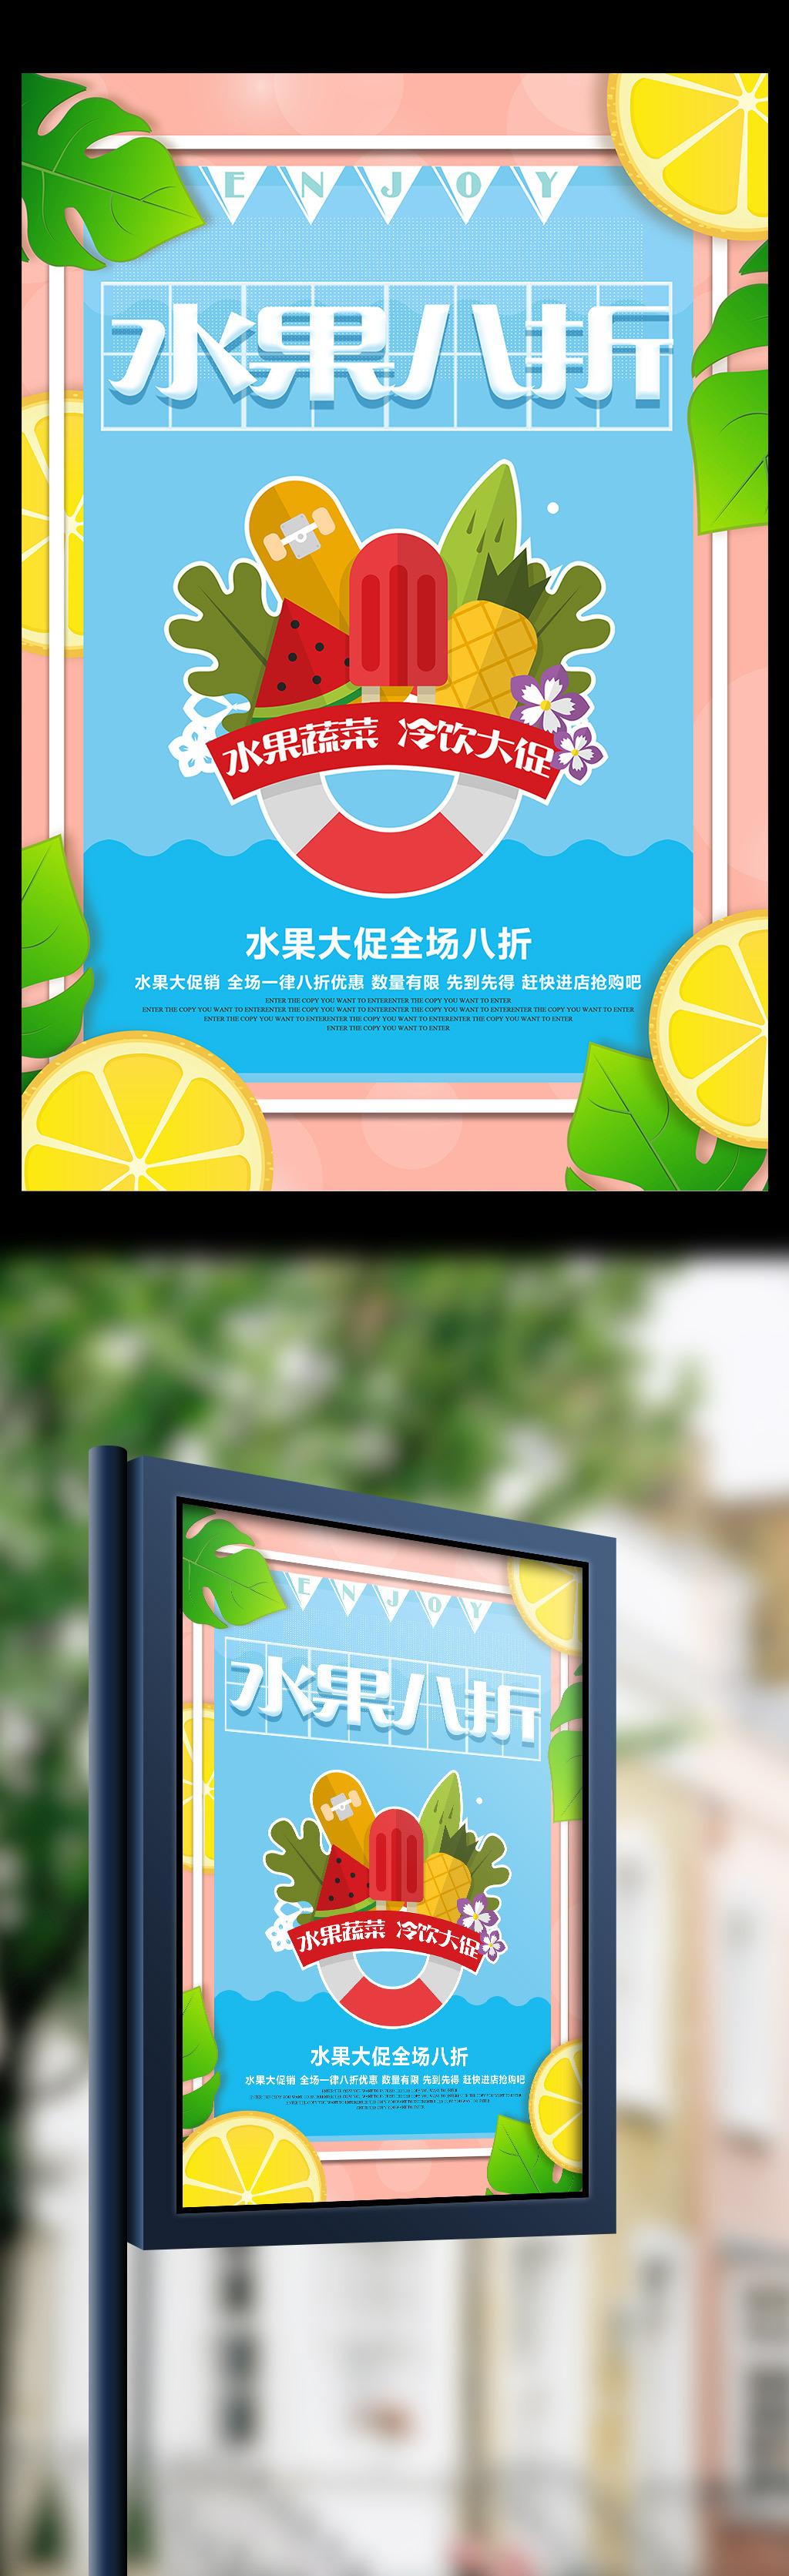 平面|广告设计 海报设计 po